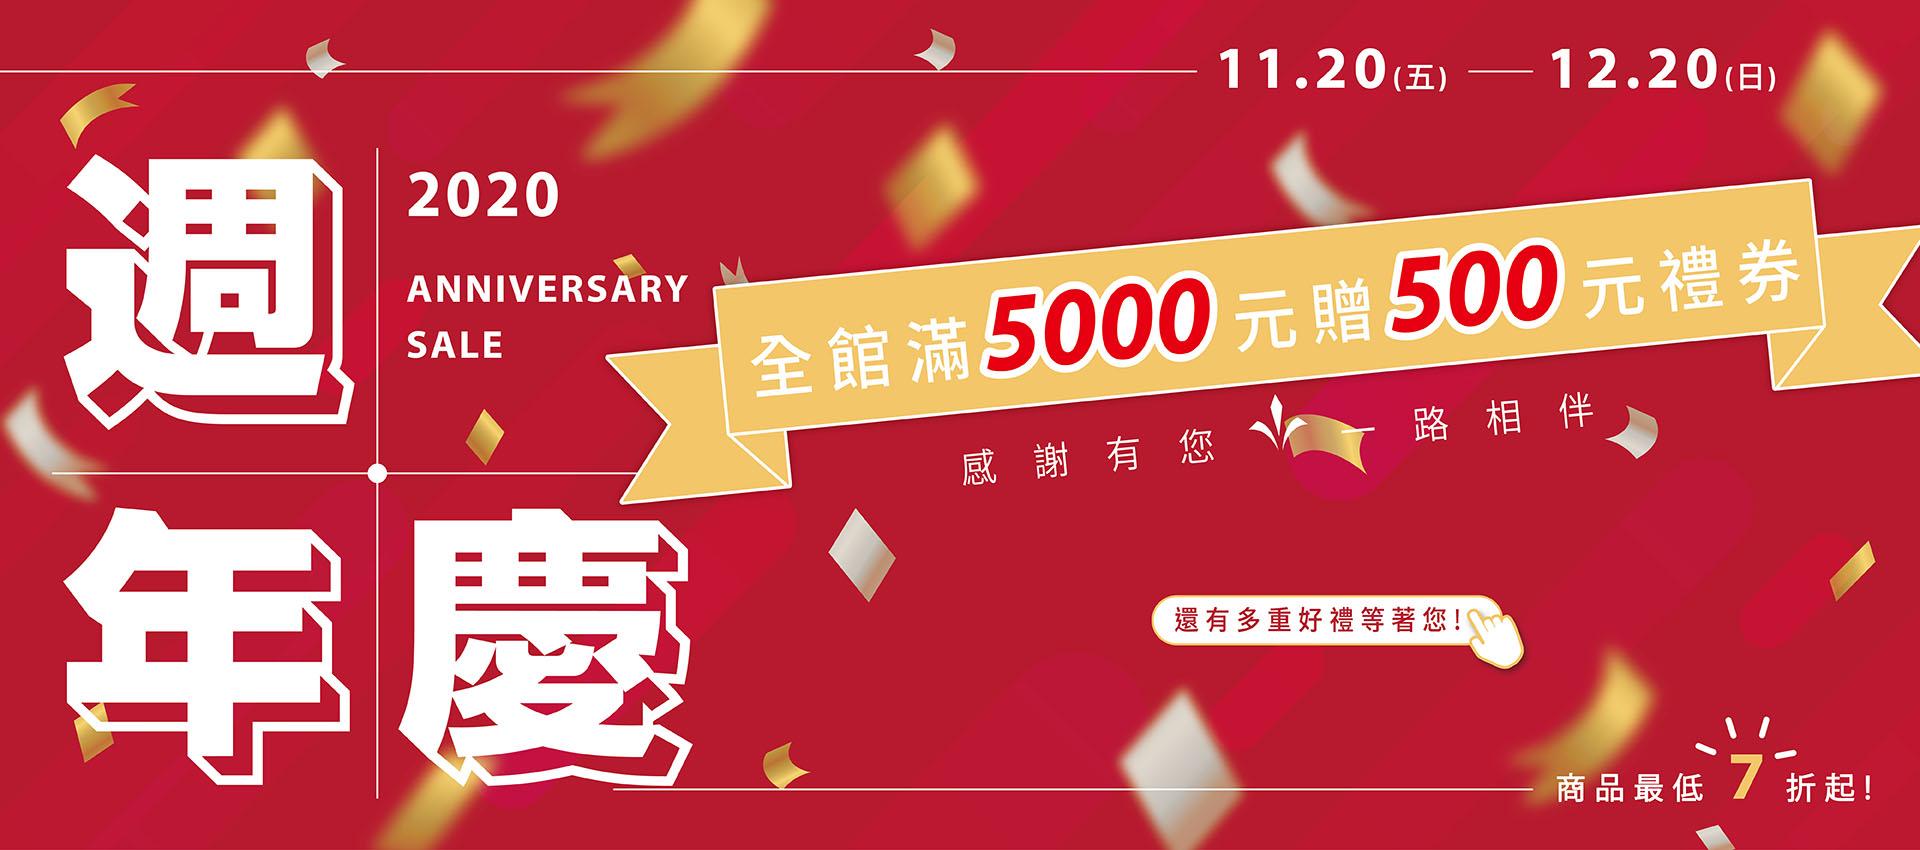 週年慶 | 全館滿5000送500禮券